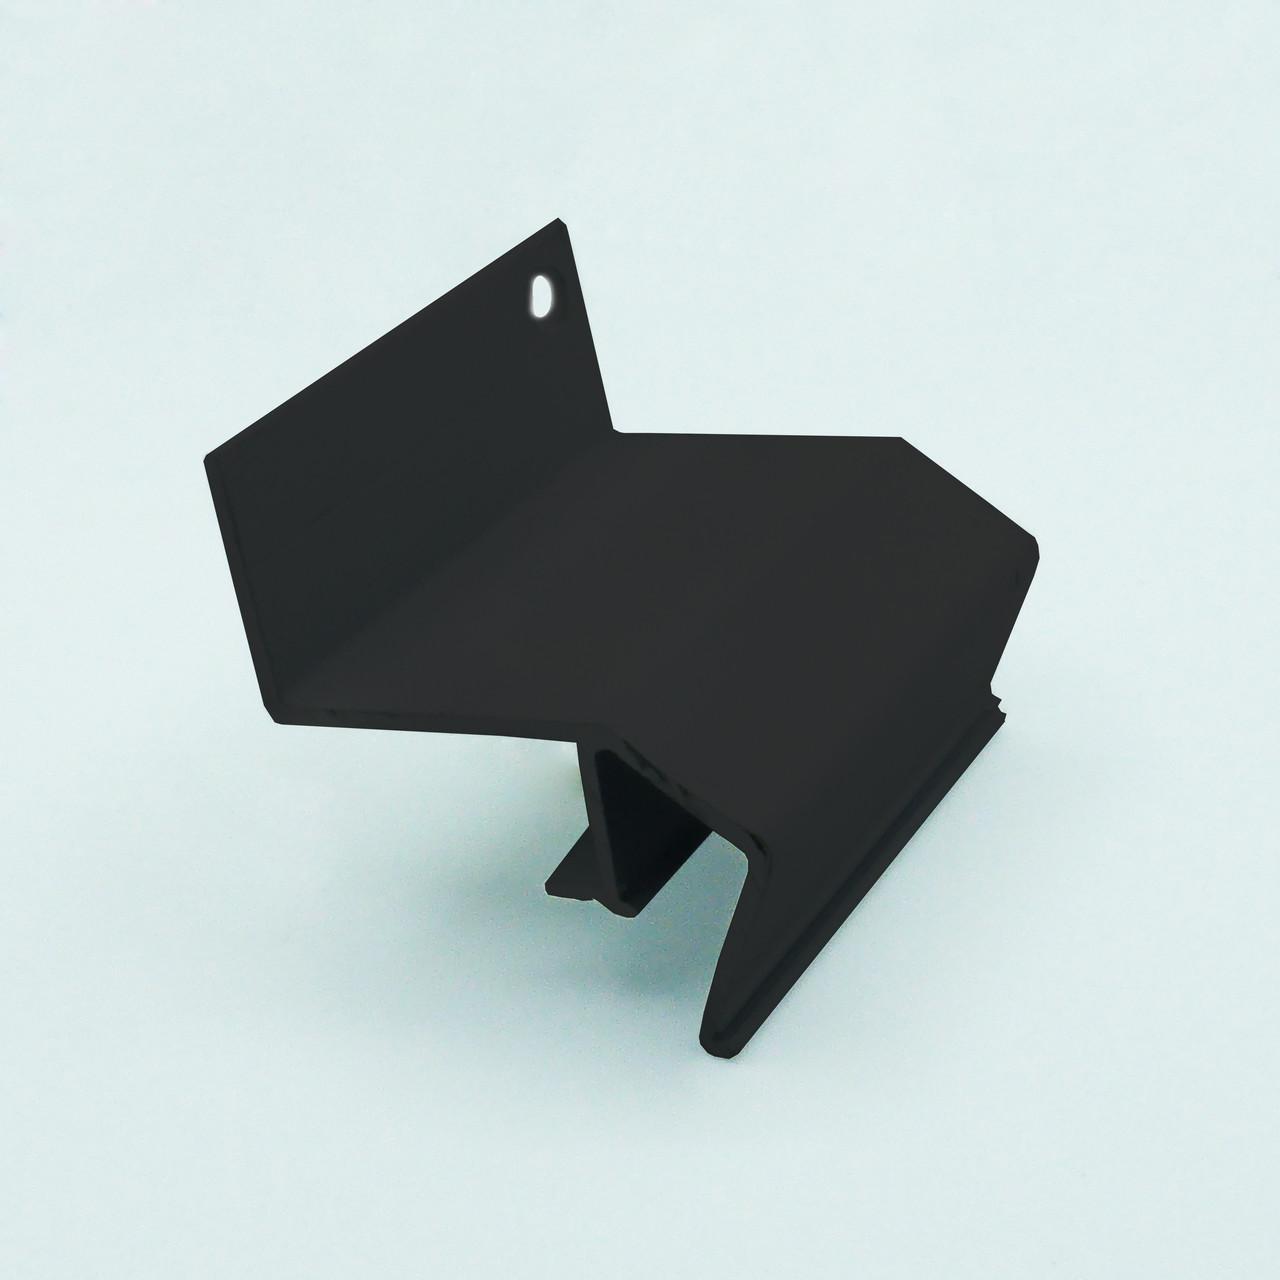 Профіль алюмінієвий для натяжних стель - ширяючий, посилений, чорний фарбований, без вставки №3. Довжина 2,5 м